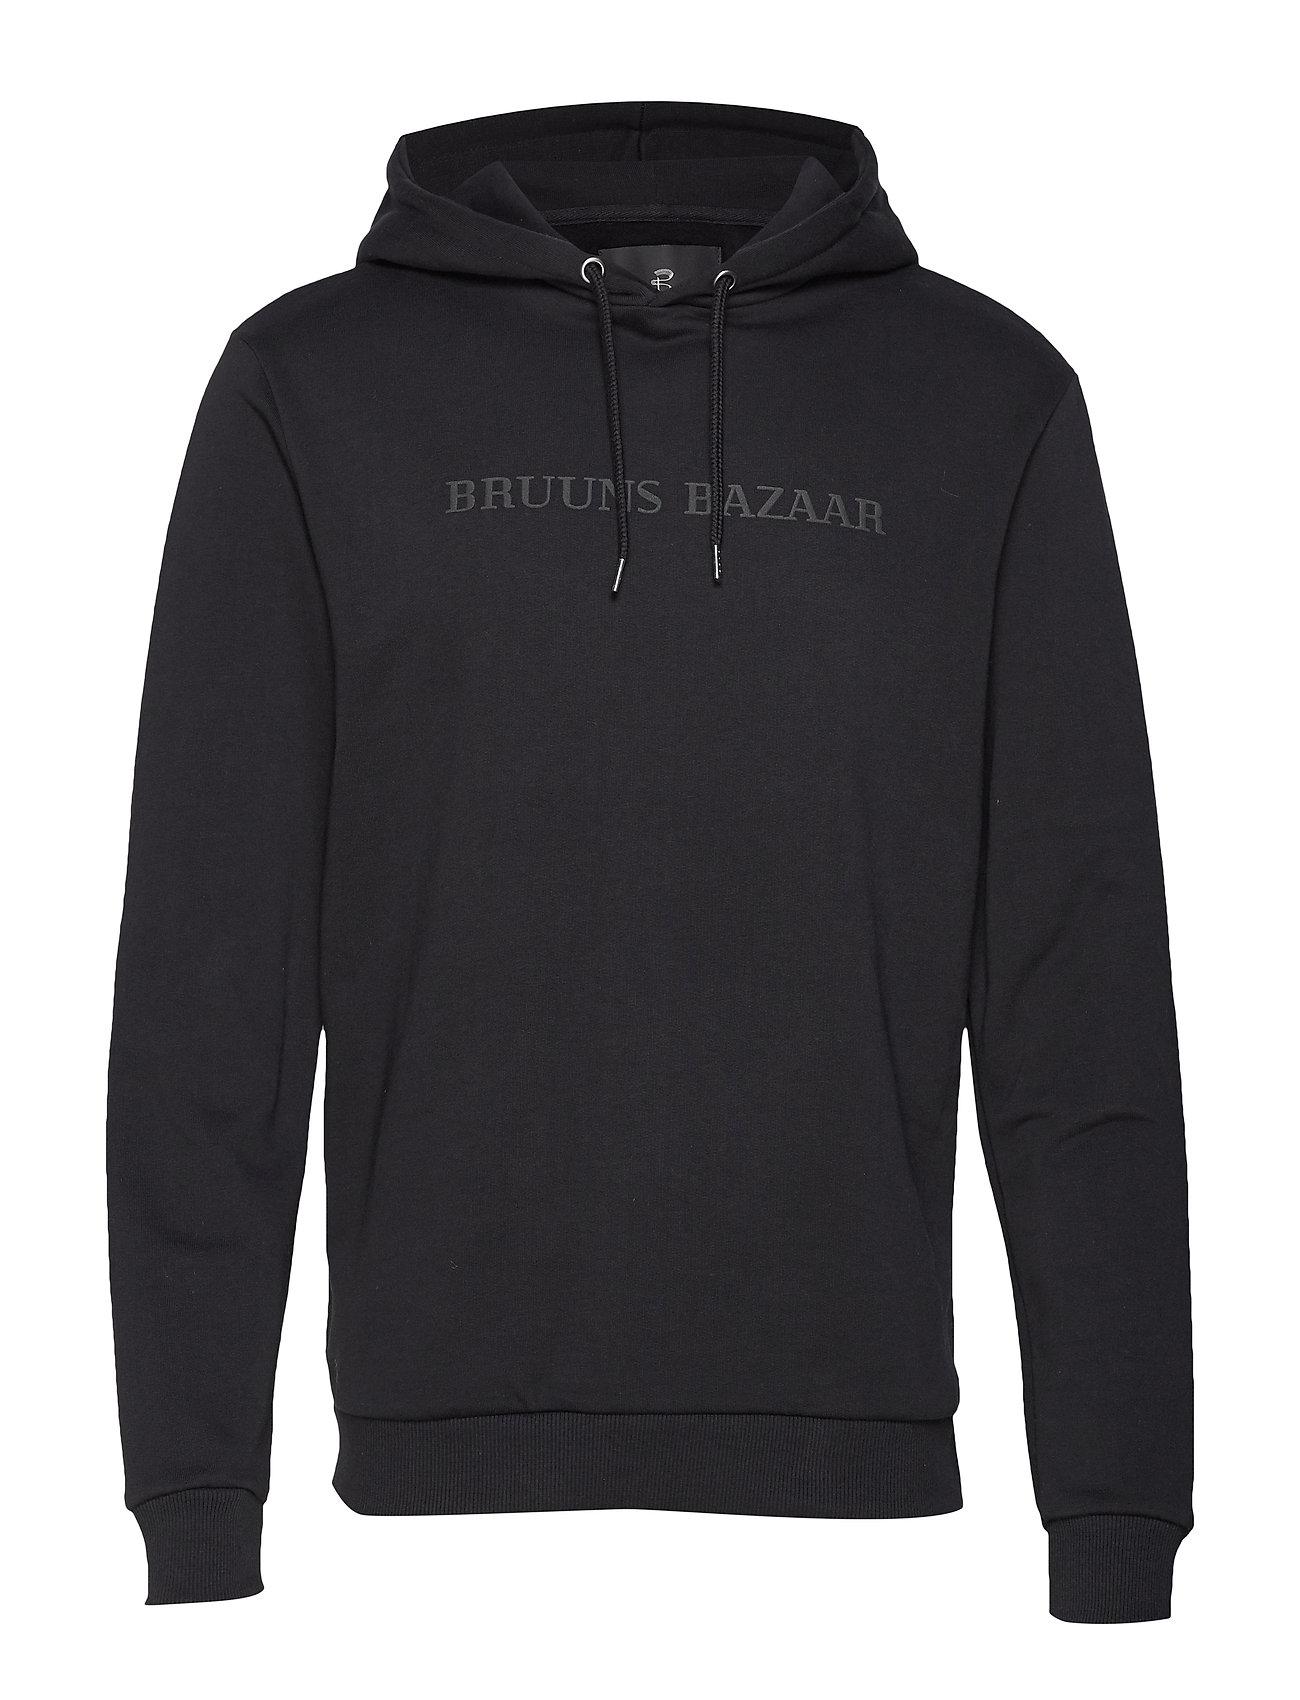 Bruuns Bazaar Bertil hoodie - BLACK